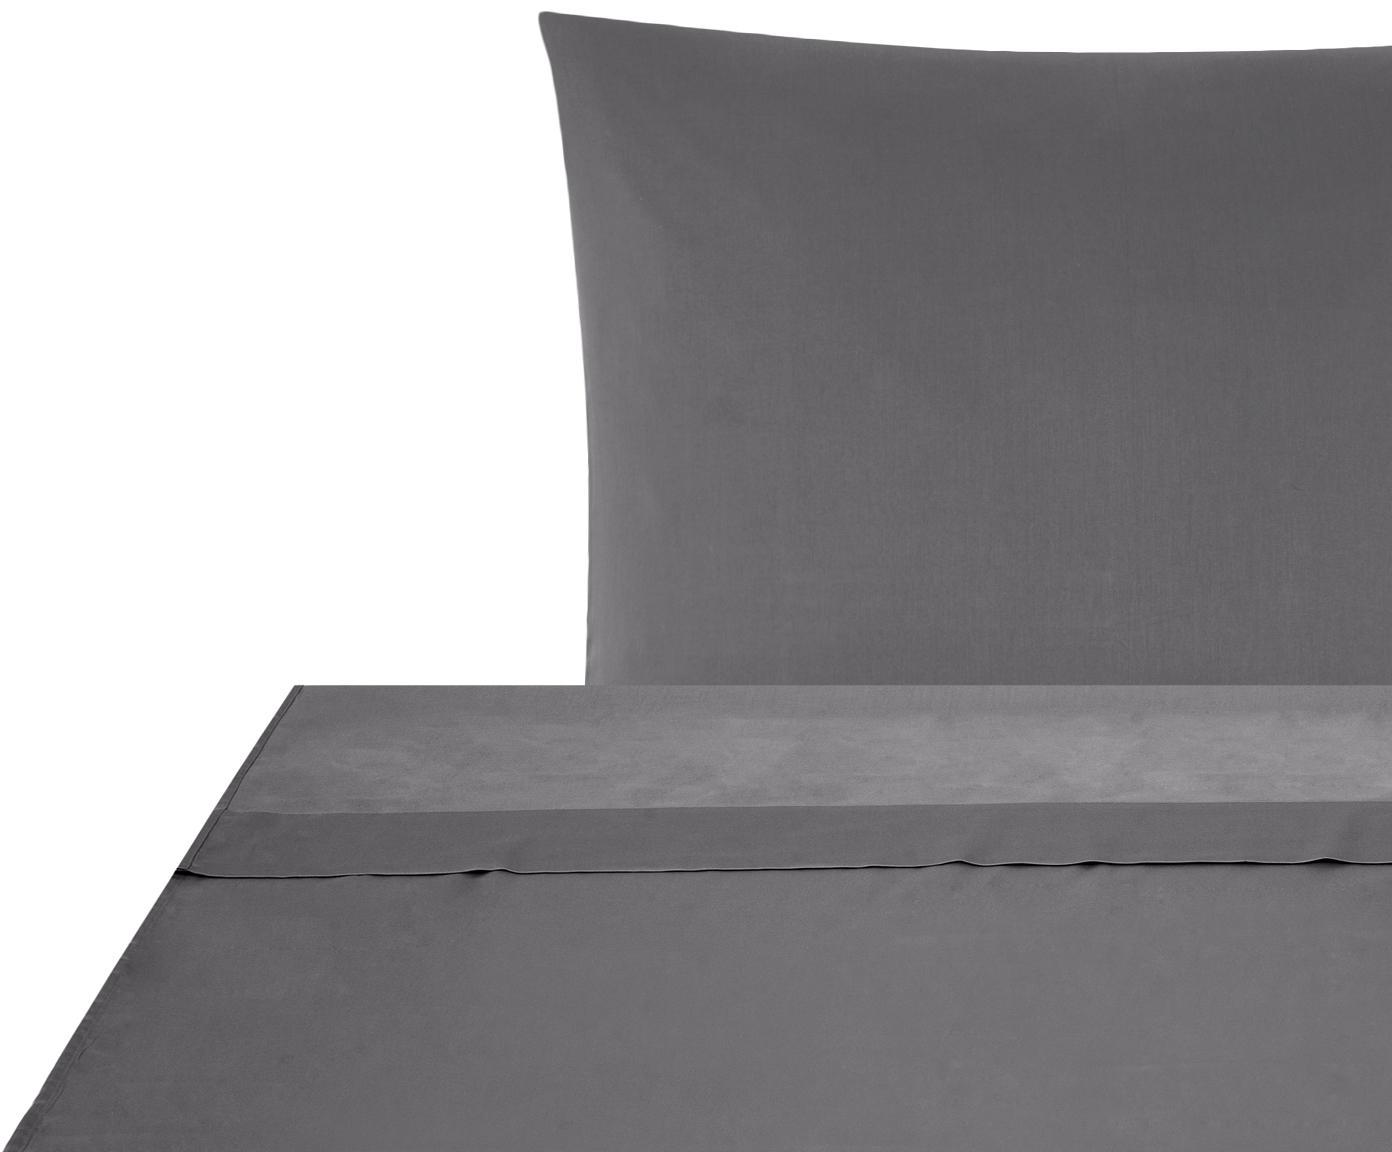 Set lenzuola in raso di cotone Comfort 2 pz, Tessuto: raso Densità del filo 250, Grigio scuro, 150 x 300 cm